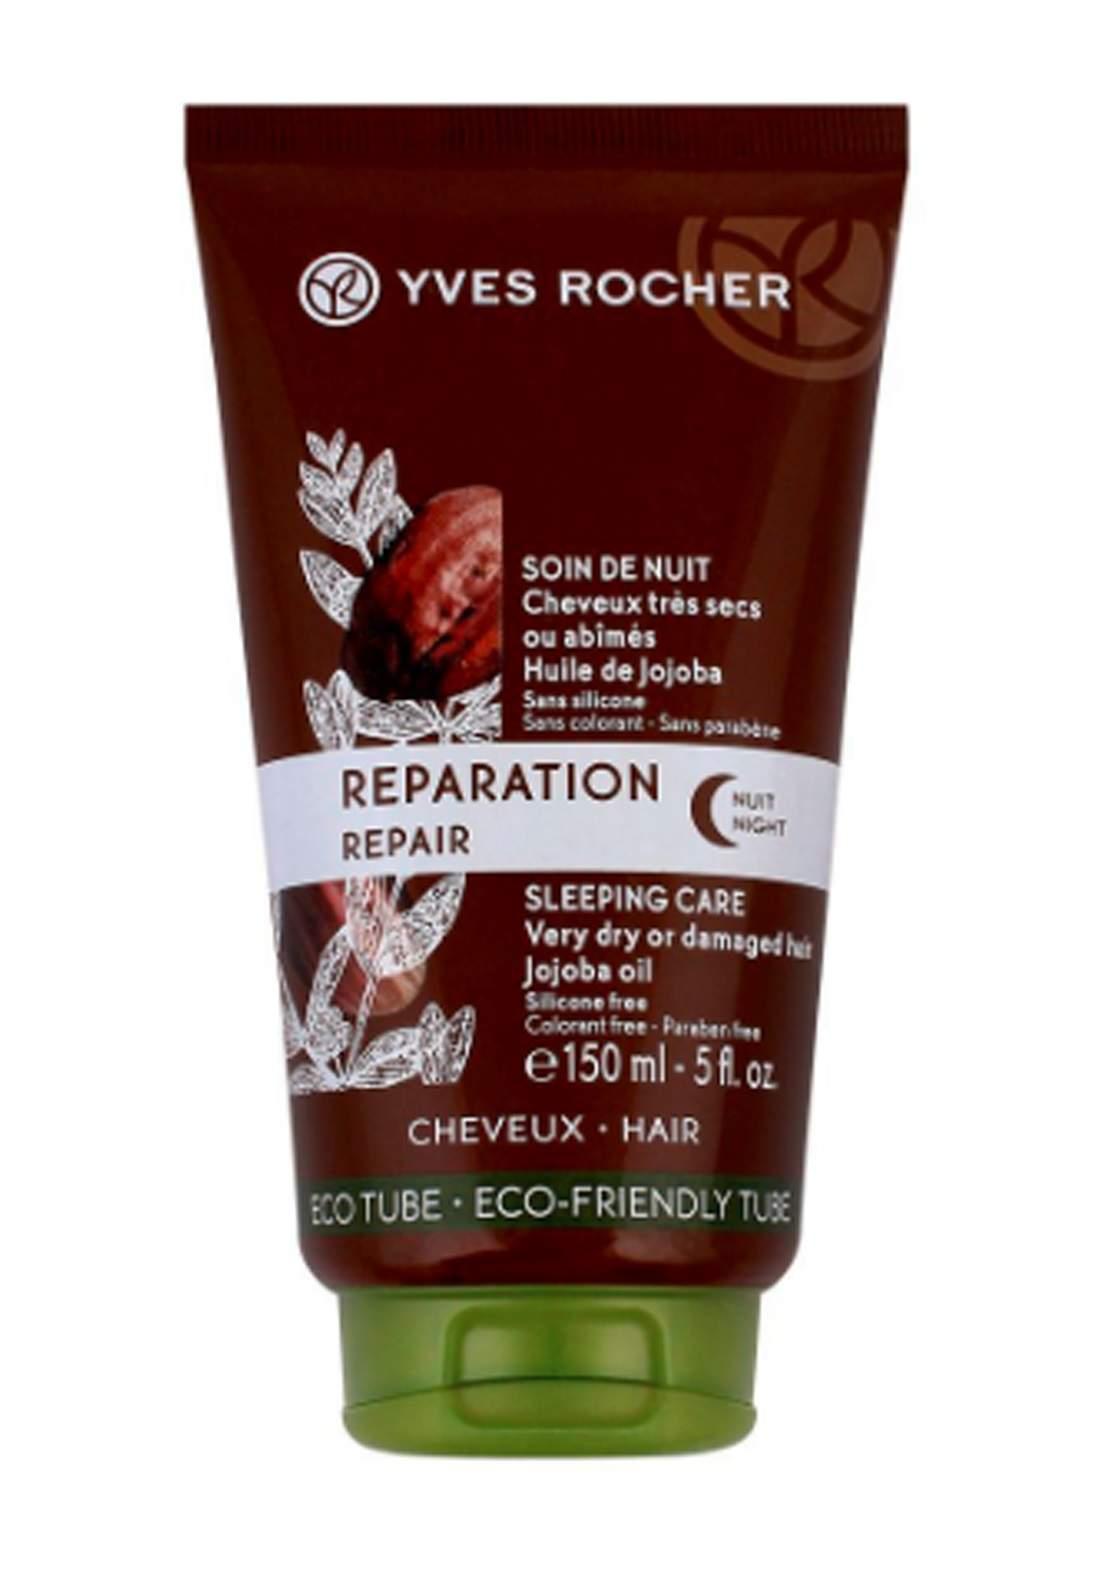 Yves Rocher 152349 Jojoba Oil To Care for Dry Hair 150ml زيت العناية بالشعر